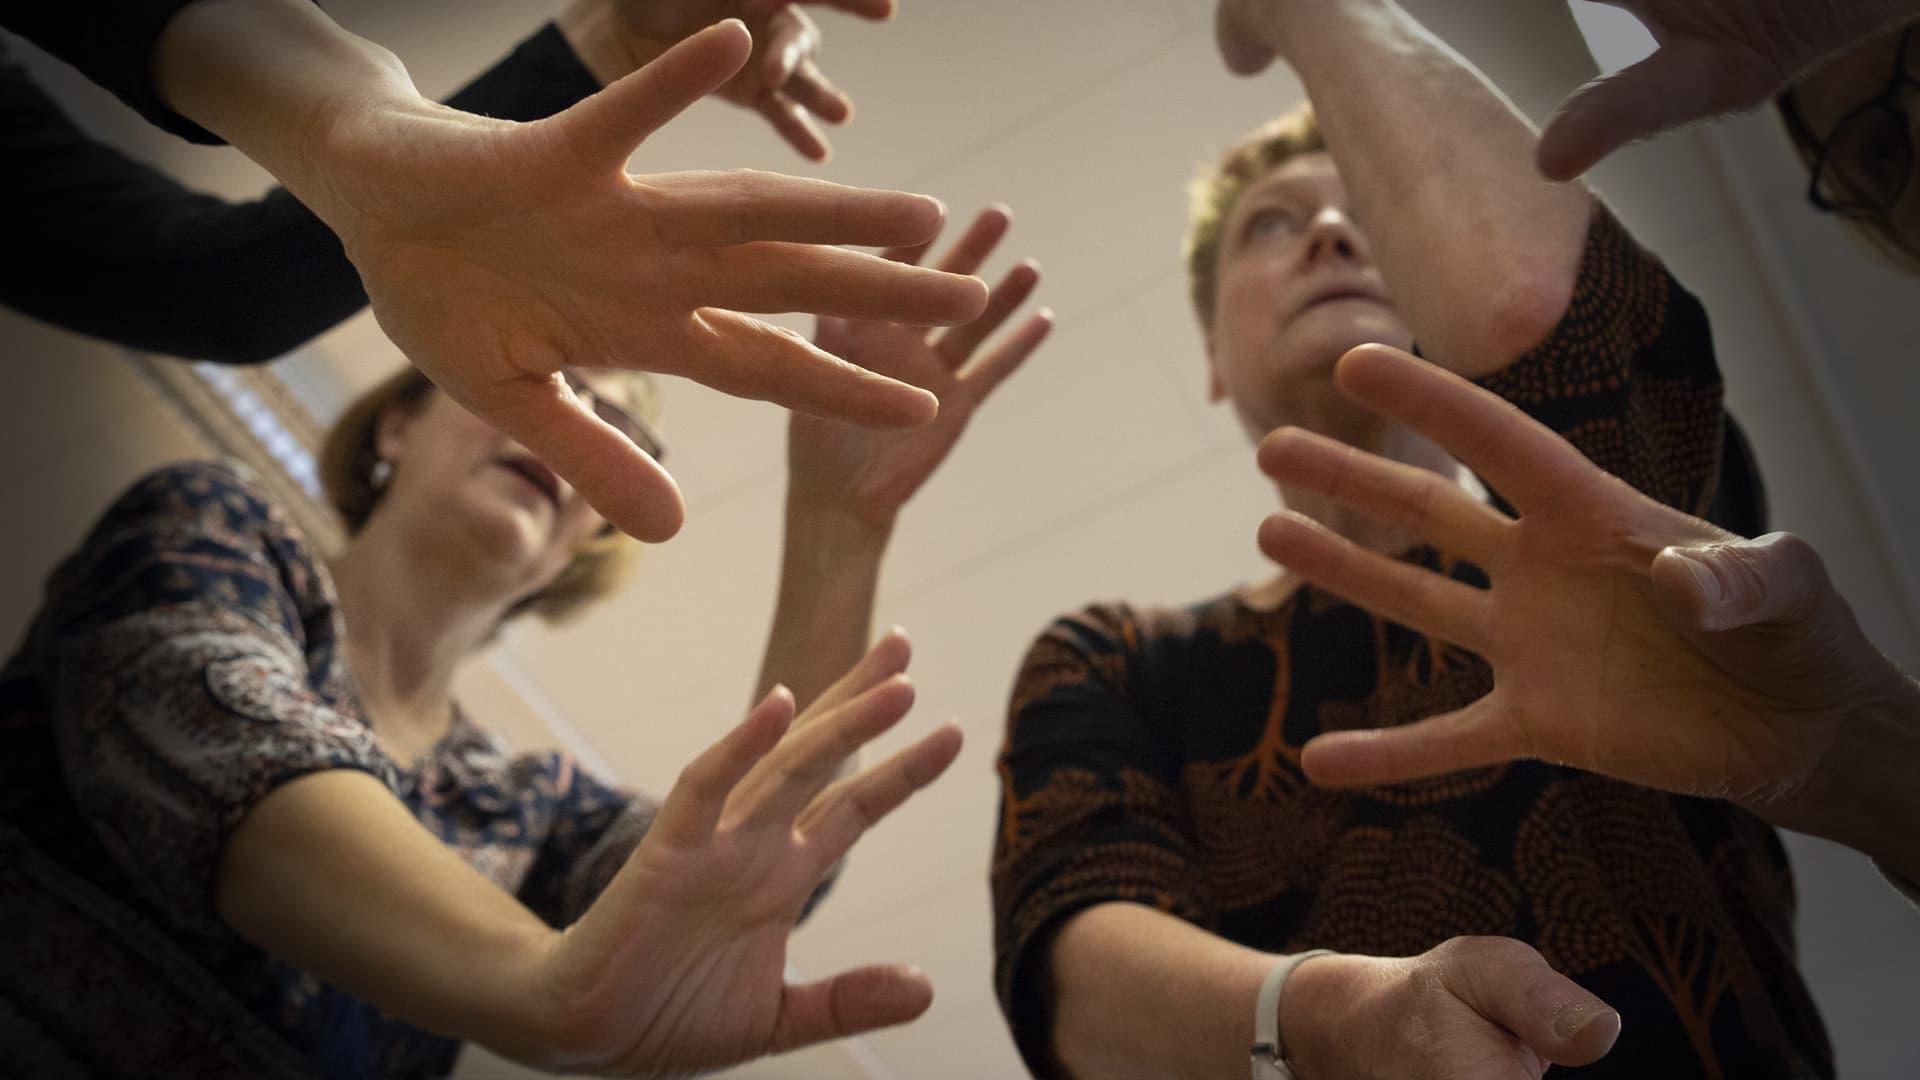 Tanssiterapeuttien kädet tanssivat.